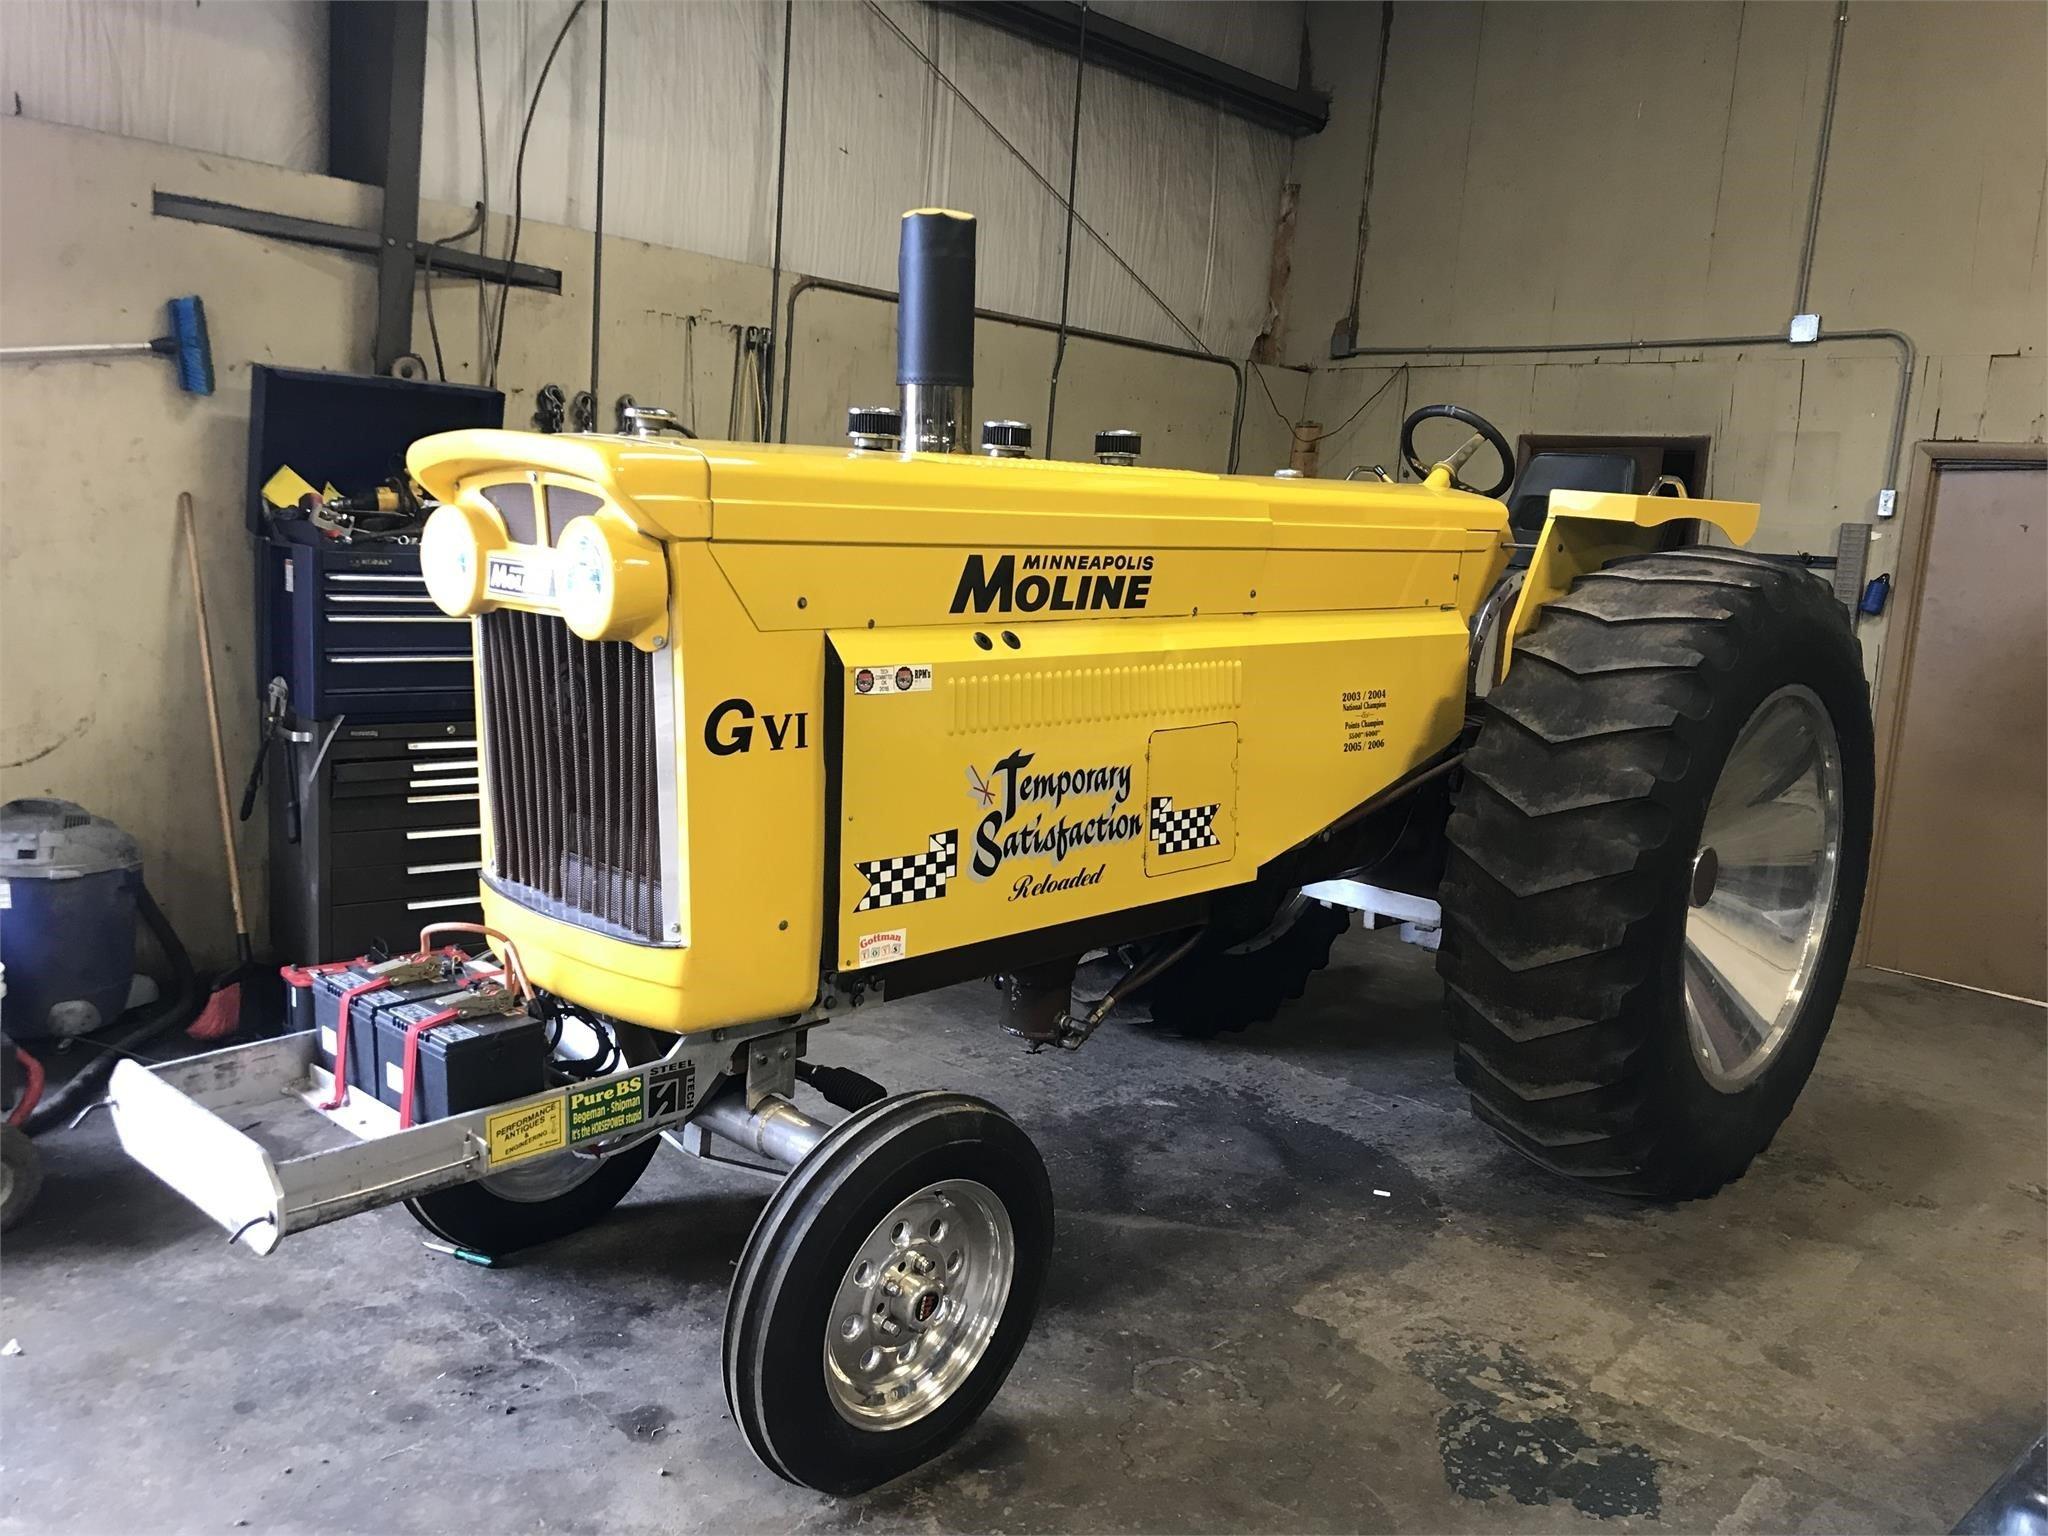 1959 Minneapolis-Moline G-VI Tractor